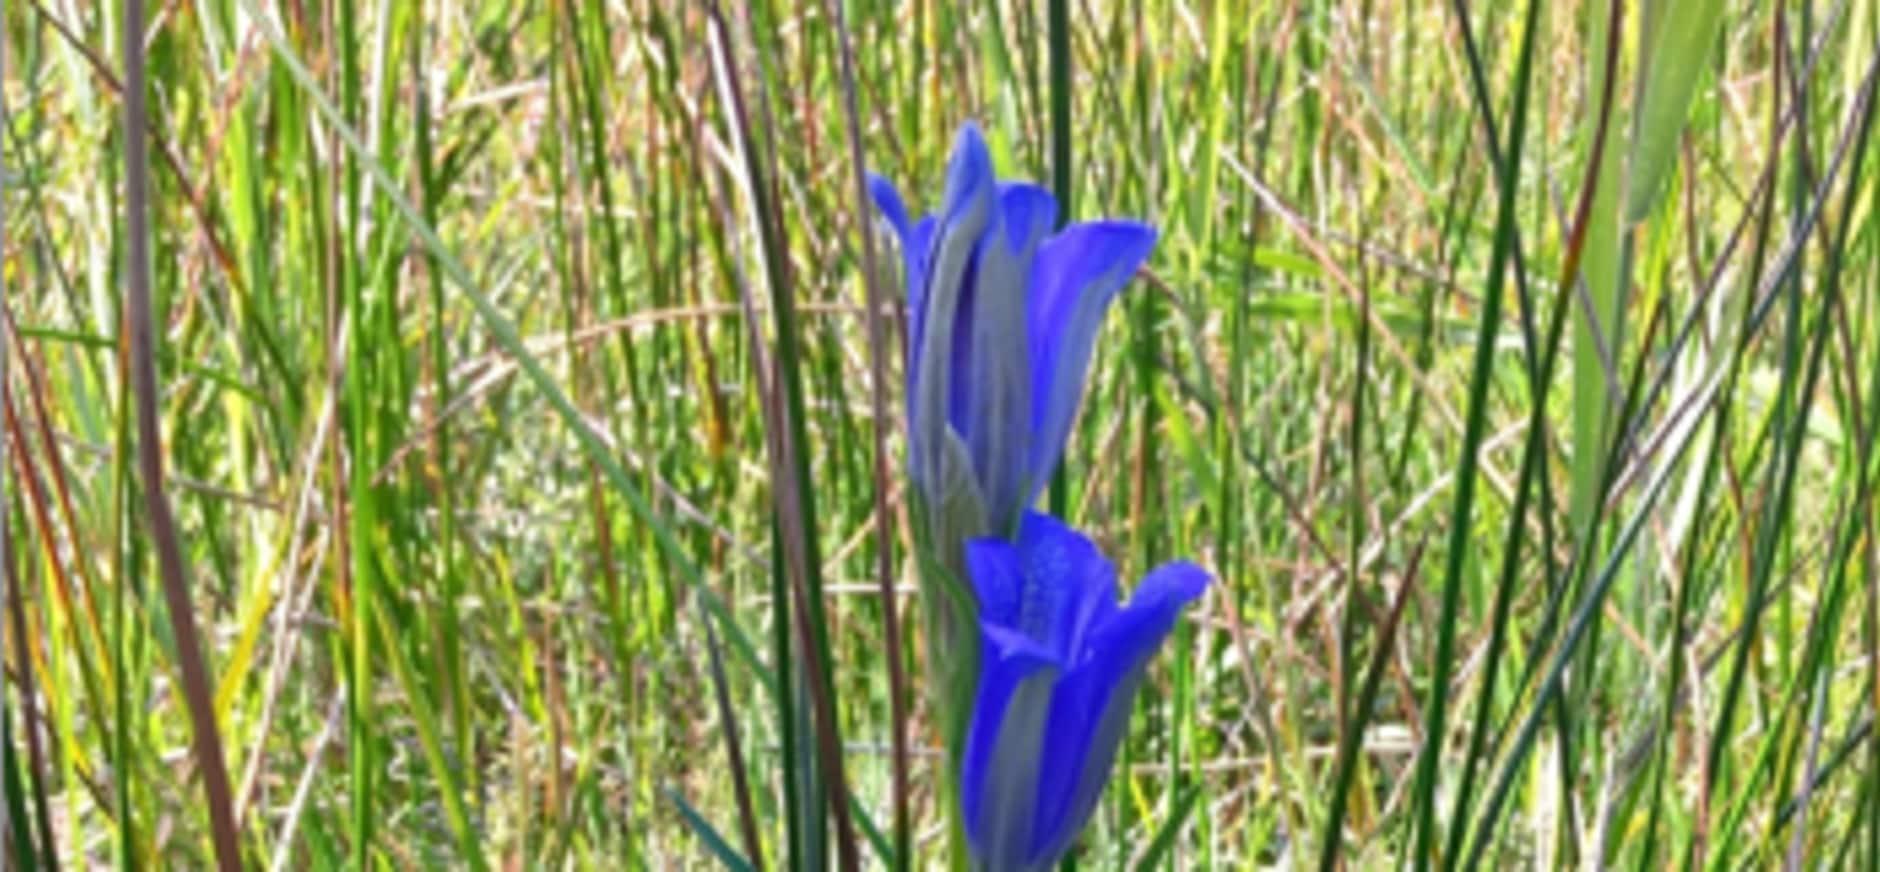 De Klokjesgentiaan, hemelsblauwe pracht in De Wieden